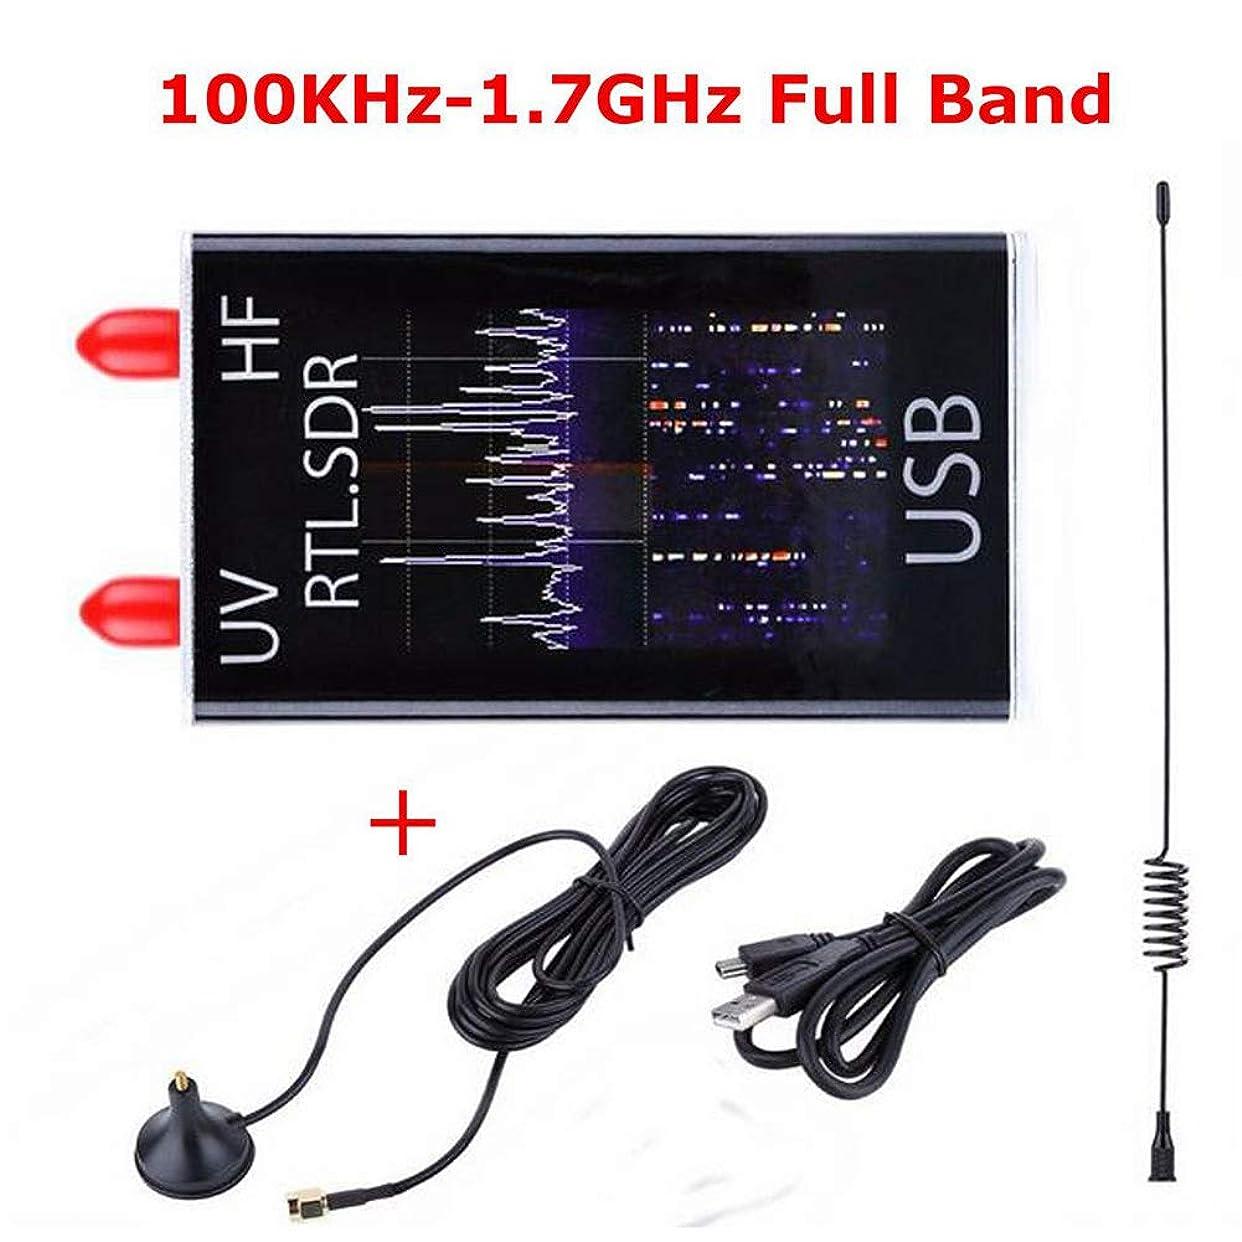 雨の悪化させる避けられないACHICOO 100KHz?1.7GHzフルバンドUV HF RTL-SDR USBチューナーレシーバ/ R820T + 8232ハムラジオ